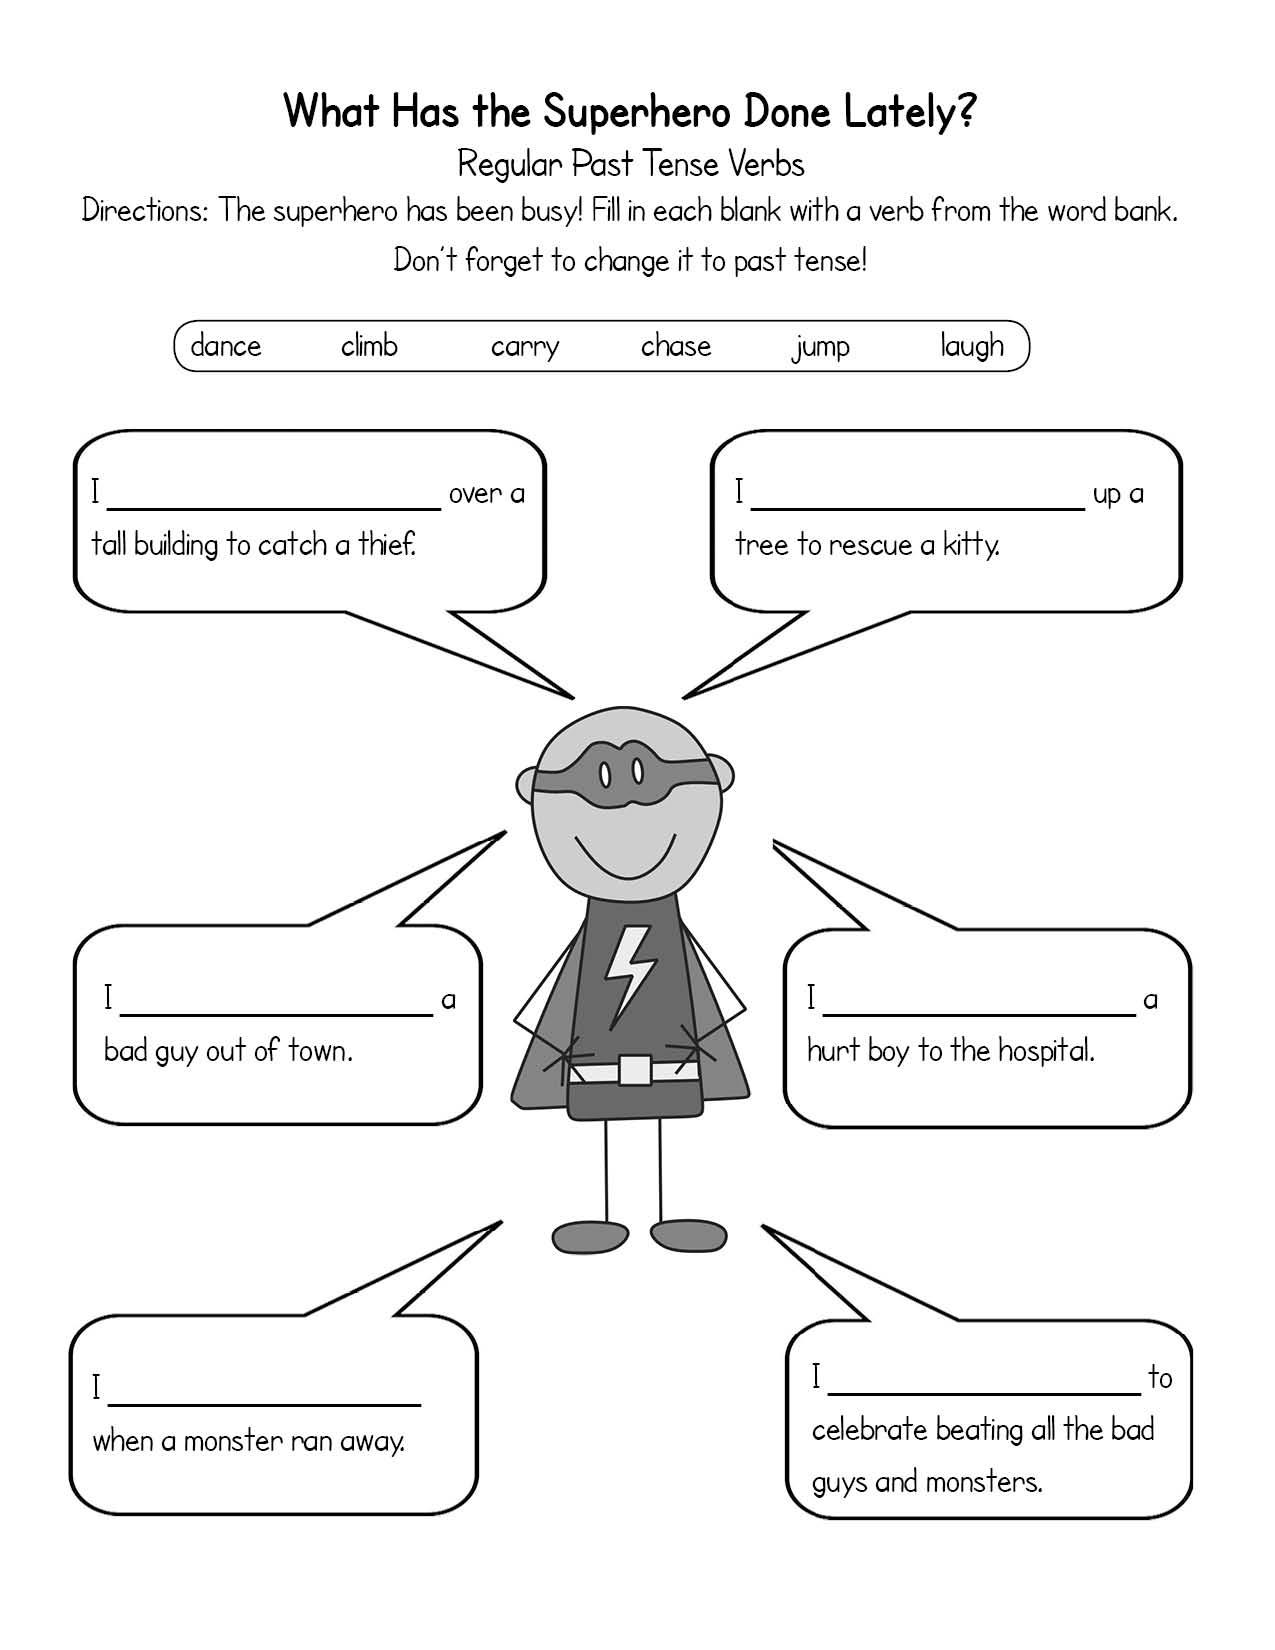 worksheet Regular Past Tense Verbs Worksheets Fiercebad – Esl Past Tense Worksheets